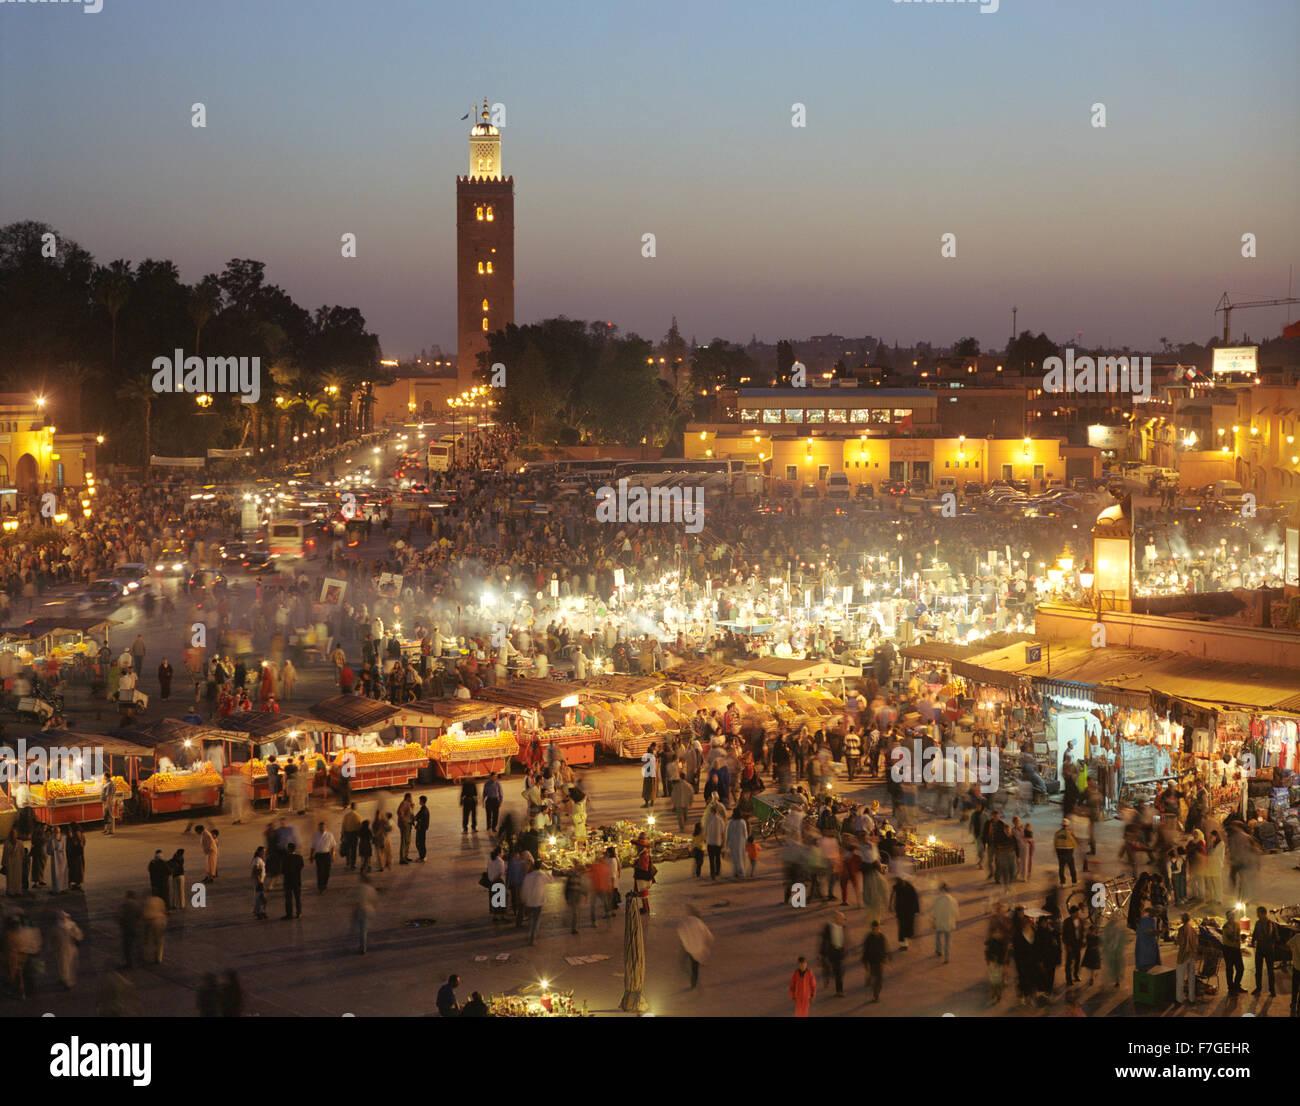 Una vista de puestos de comida en el mercado y plaza pública Place Jema El Fna en Marrakech al anochecer. Marrakech, Imagen De Stock